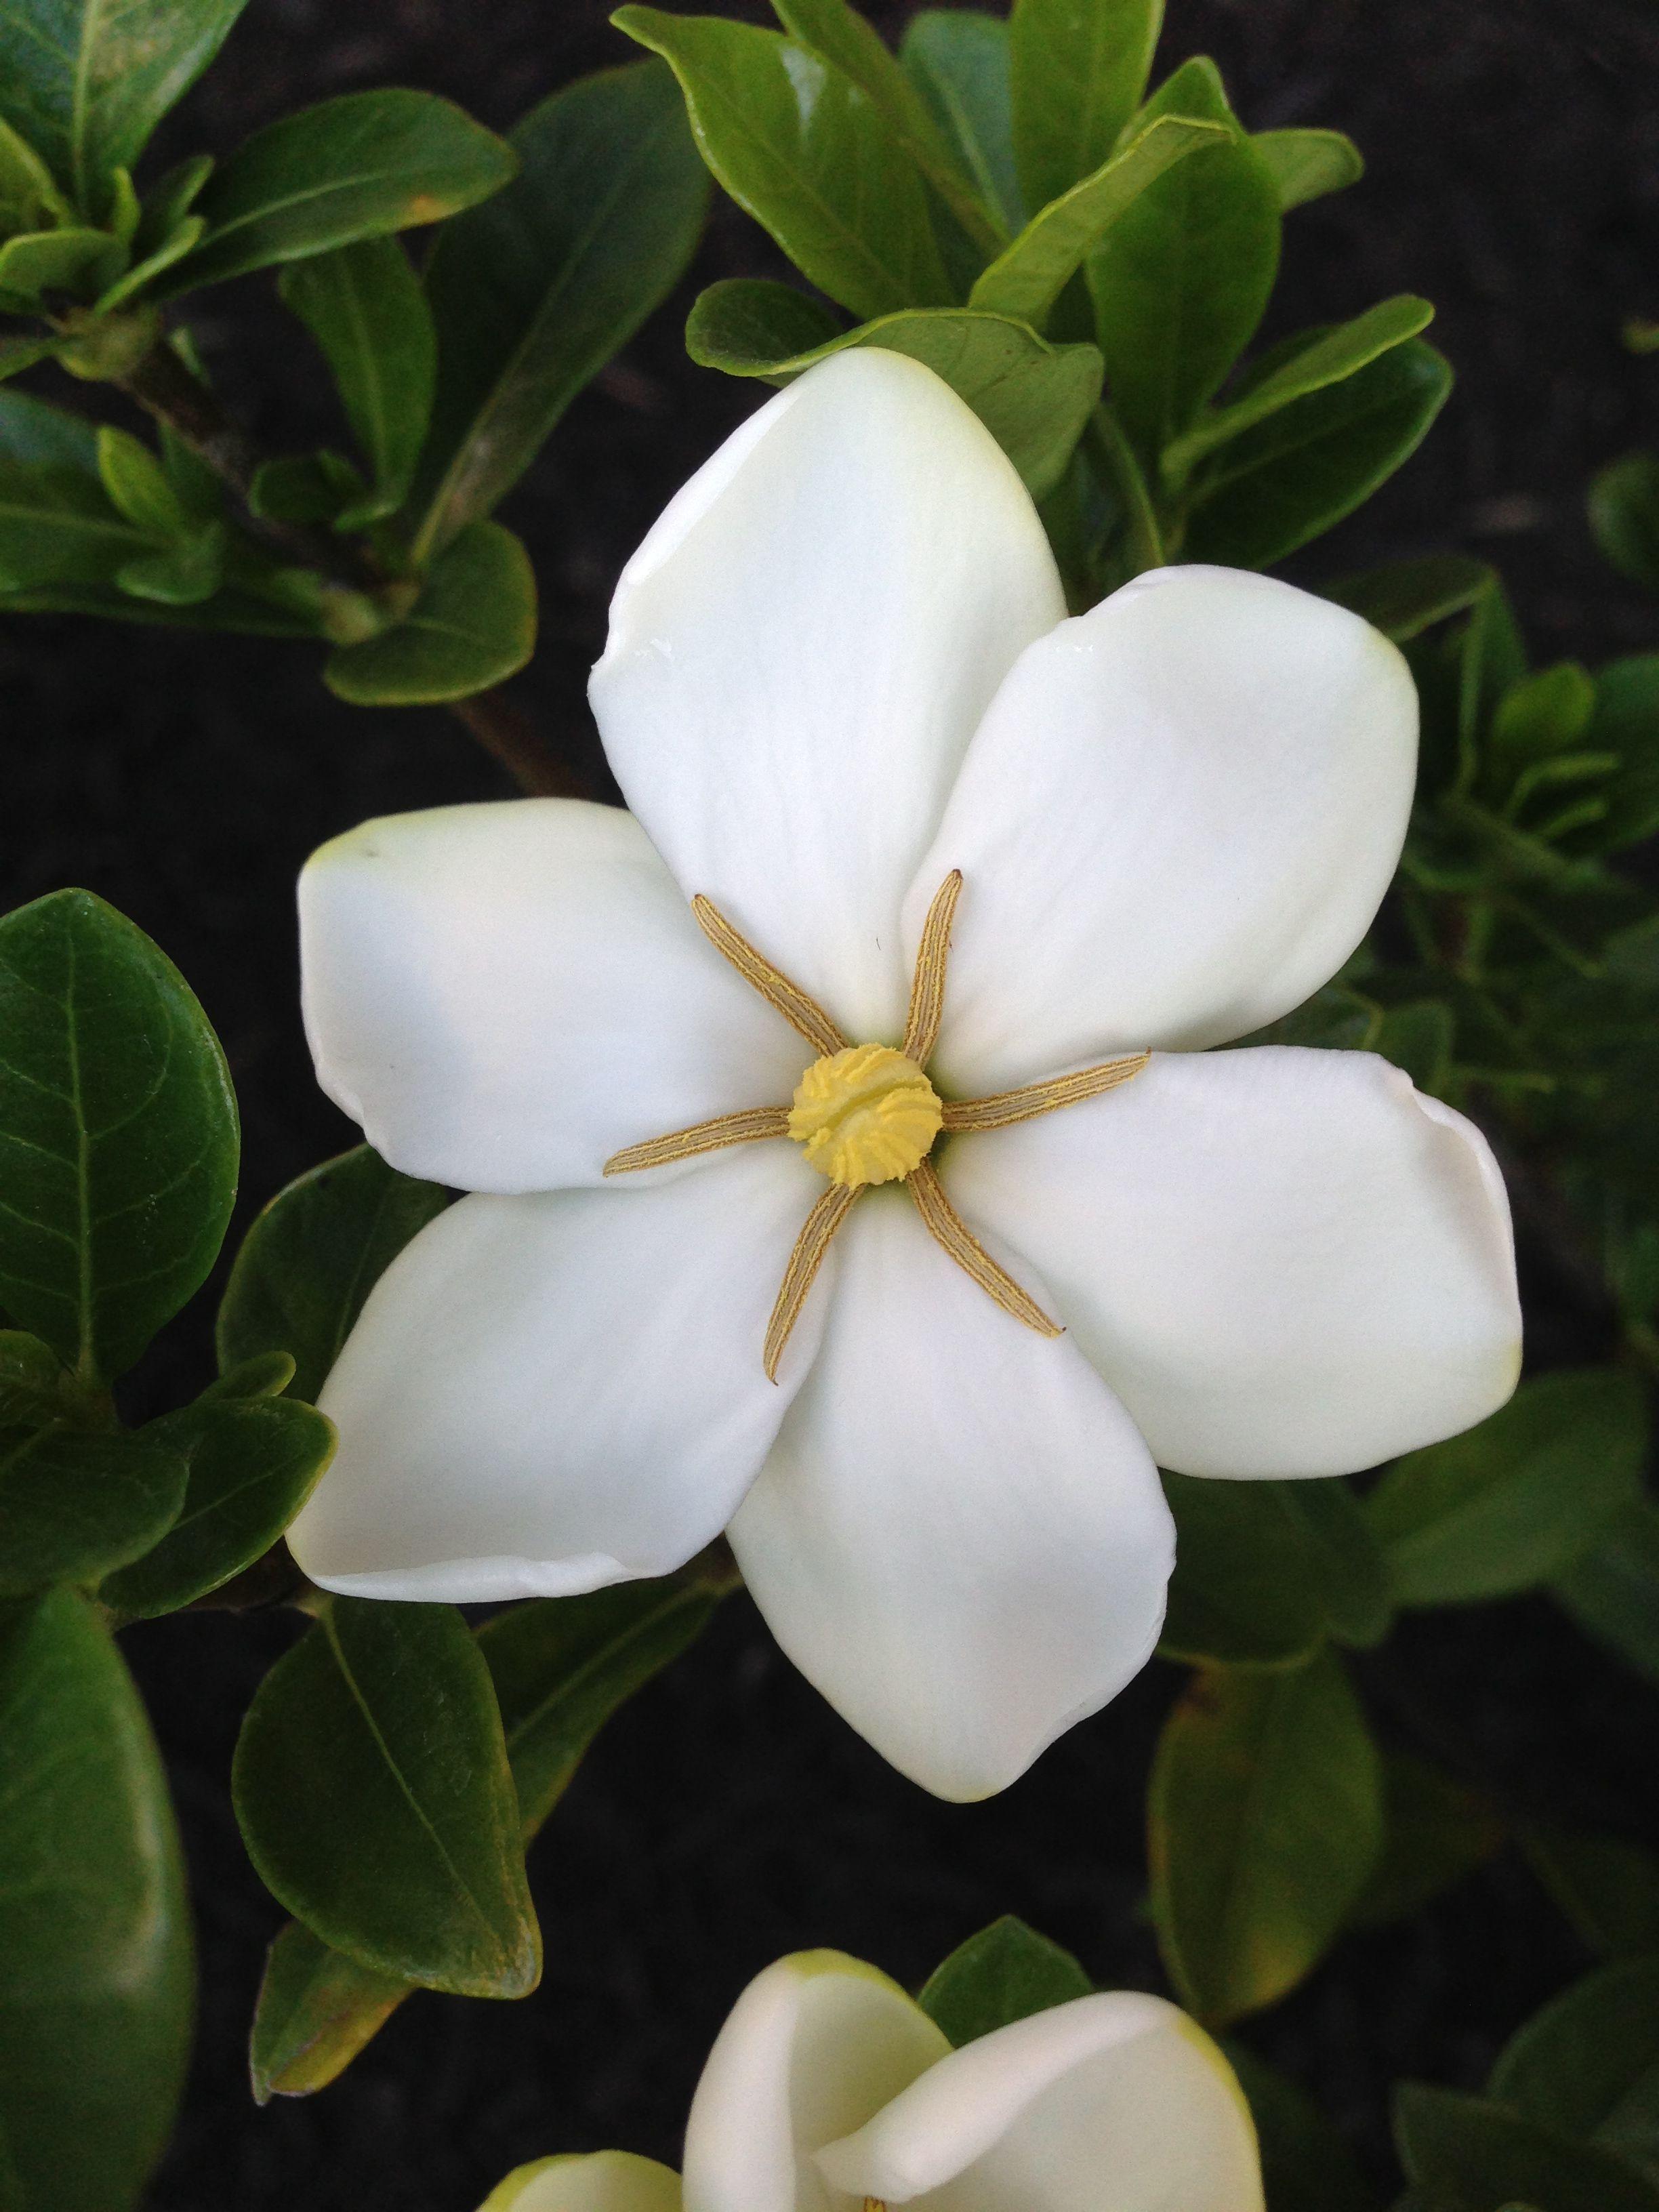 Daisy Gardenia Produces An Abundance Of Fragrant Single Daisy Like